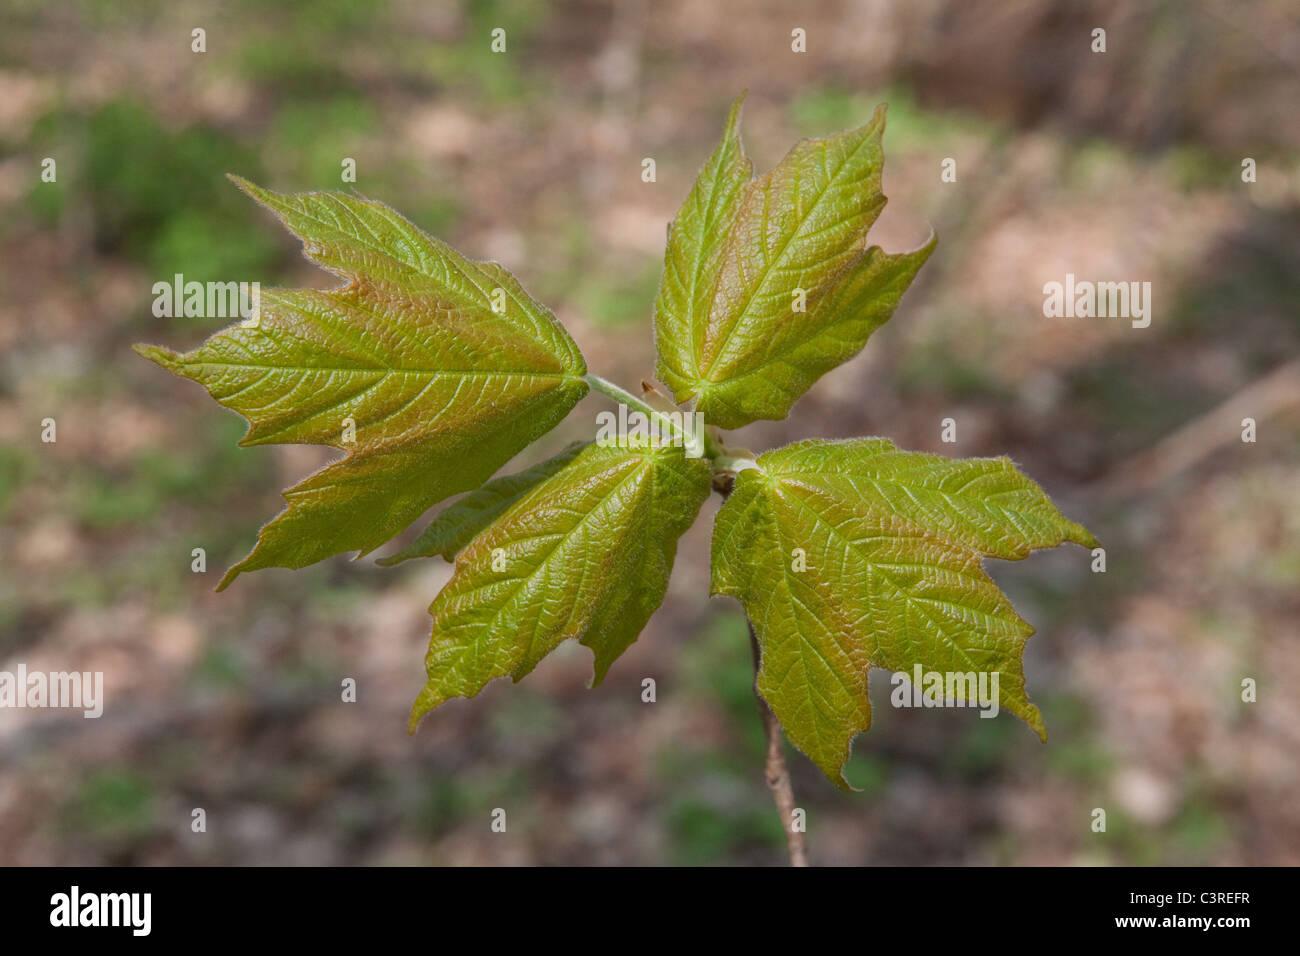 Desarrollo de hojas de arce de Azúcar (Acer saccharum) El Muelle Este de los EE.UU. Imagen De Stock